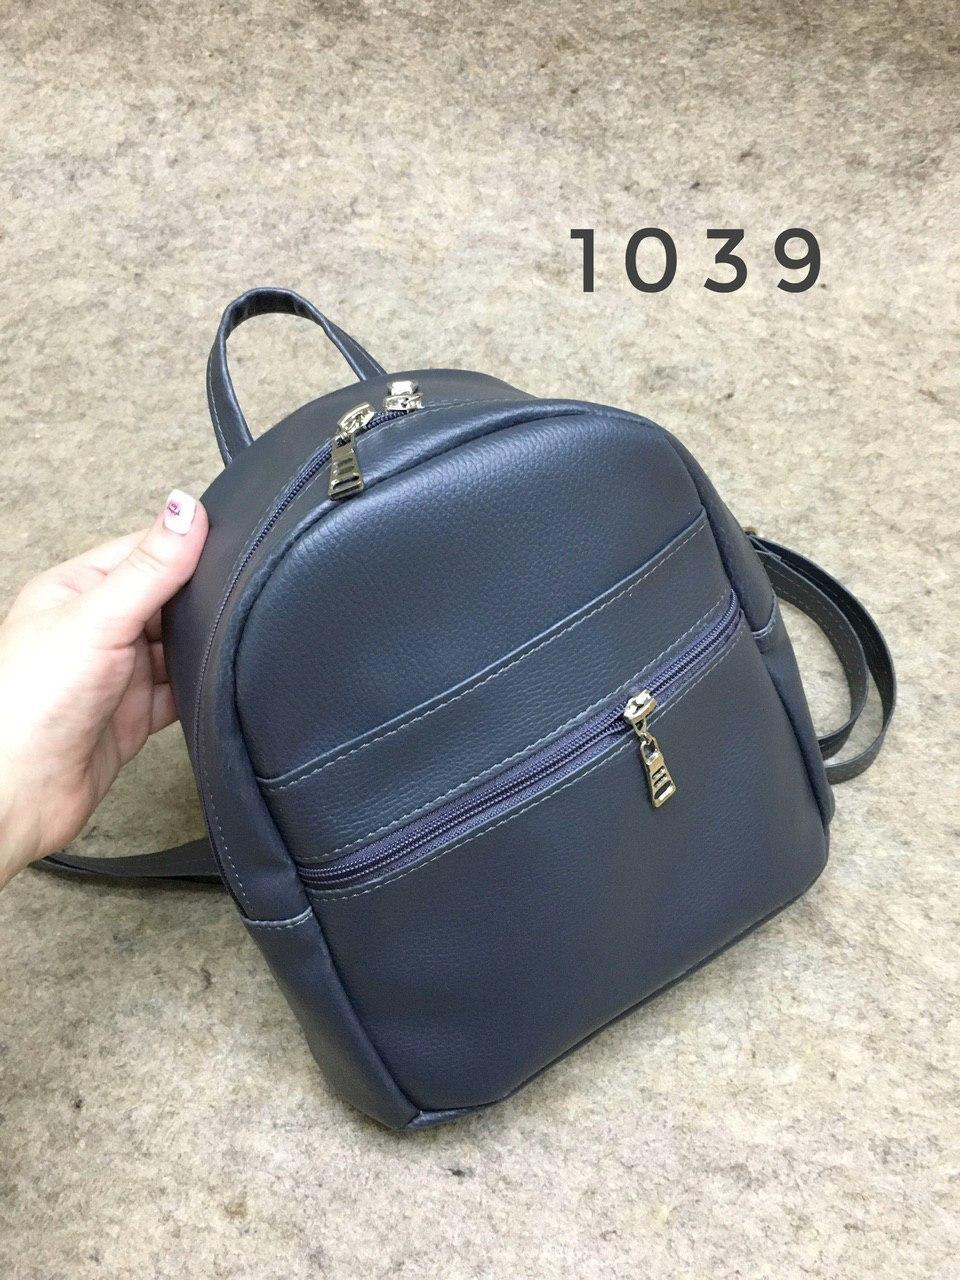 Женский рюкзак серый маленький  эко-кожа ЕСТЬ РАЗНЫЕ ЦВЕТА